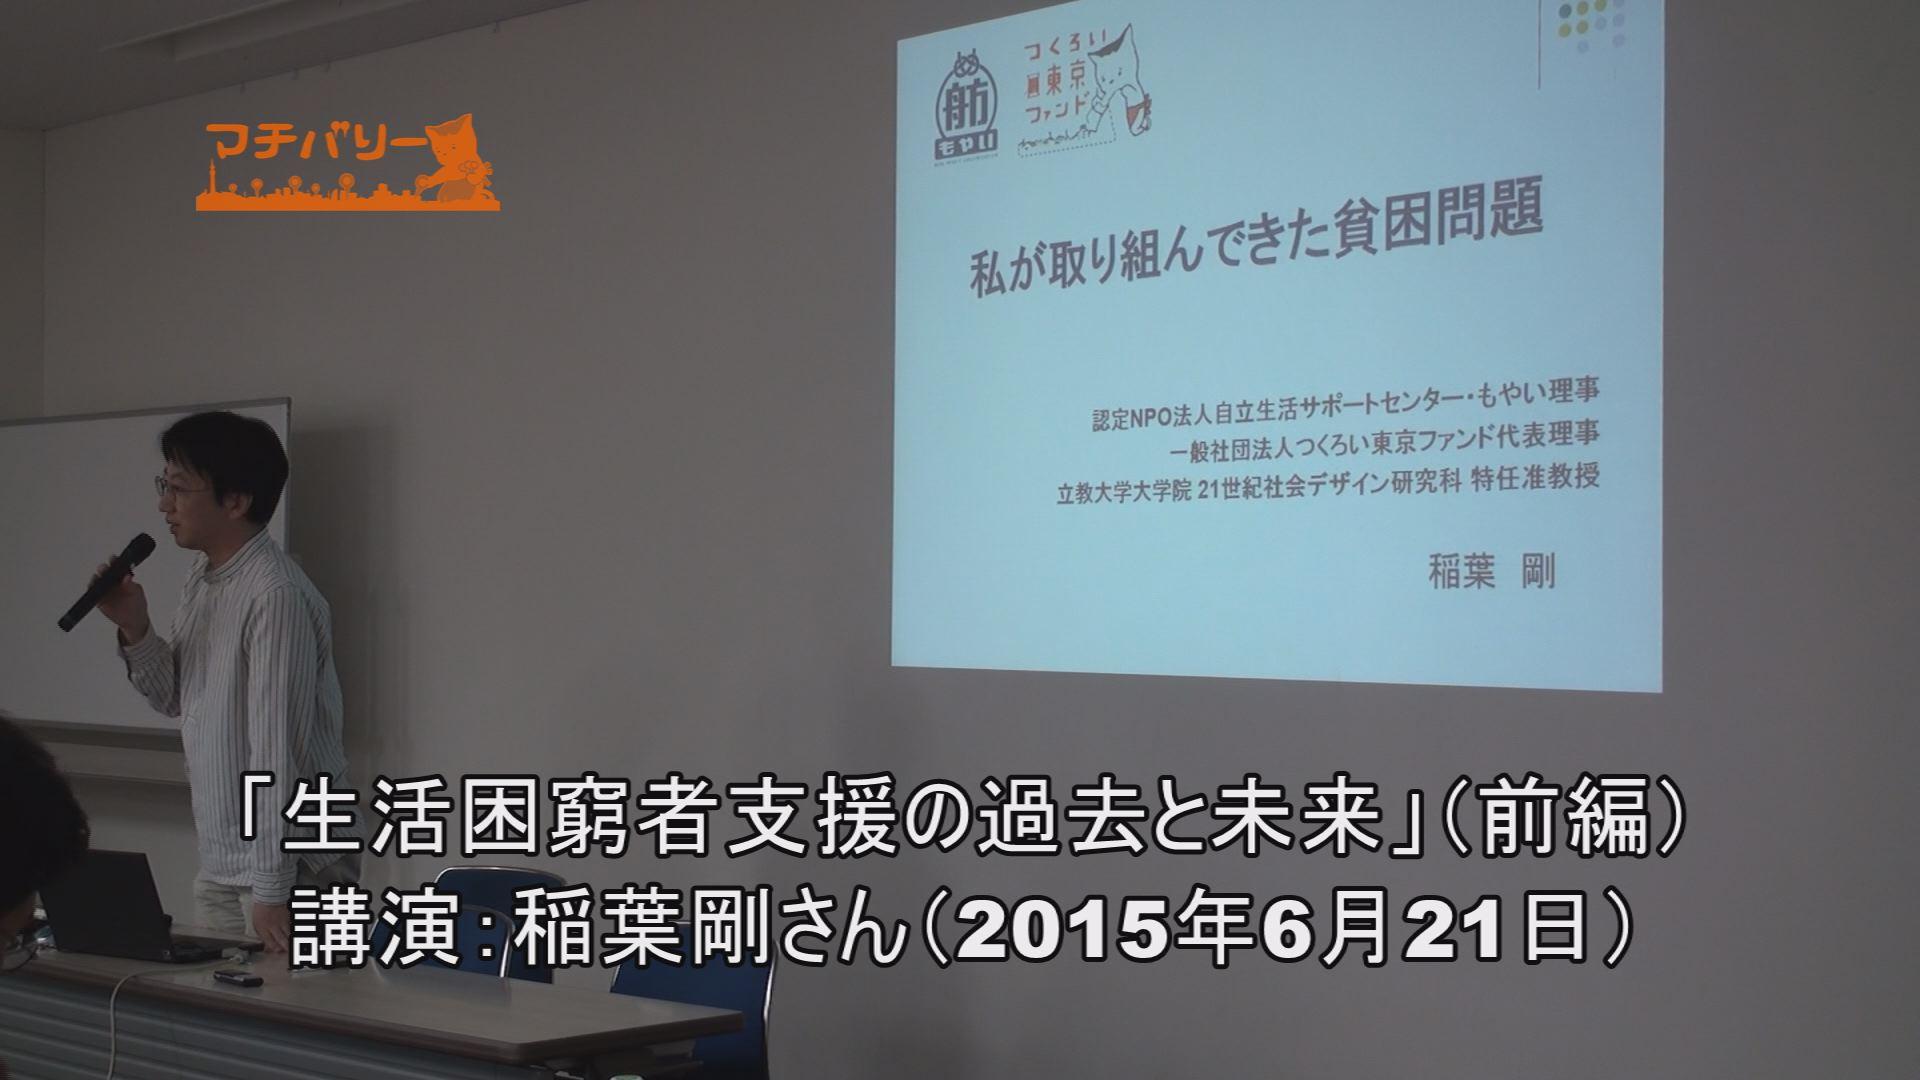 【前半】「私が新宿ダンボール村に足を踏み入れた頃」講演:稲葉剛さん(ほっとプラス記念講演 生活困窮者支援の過去と未来)